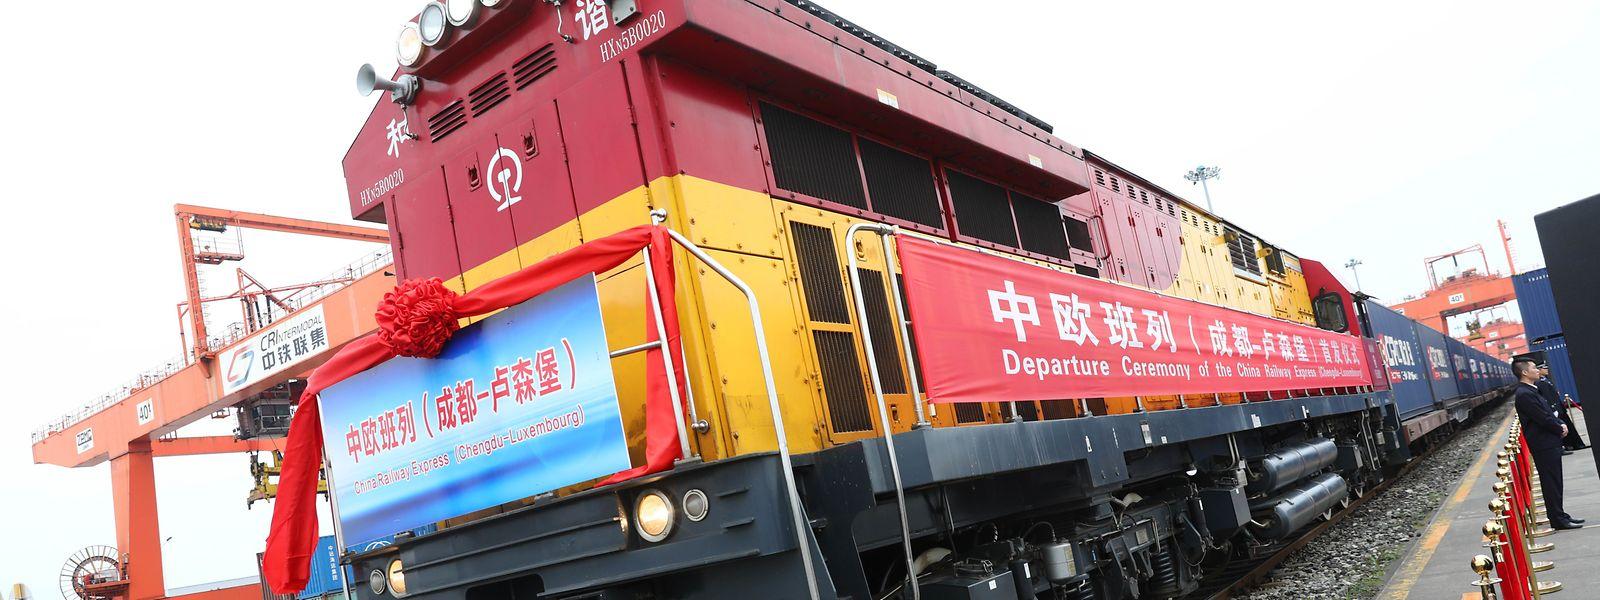 Parti de Chengdu le 19 octobre, le convoi test devrait arriver début novembre au centre multimodal de Bettembourg-Dudelange.